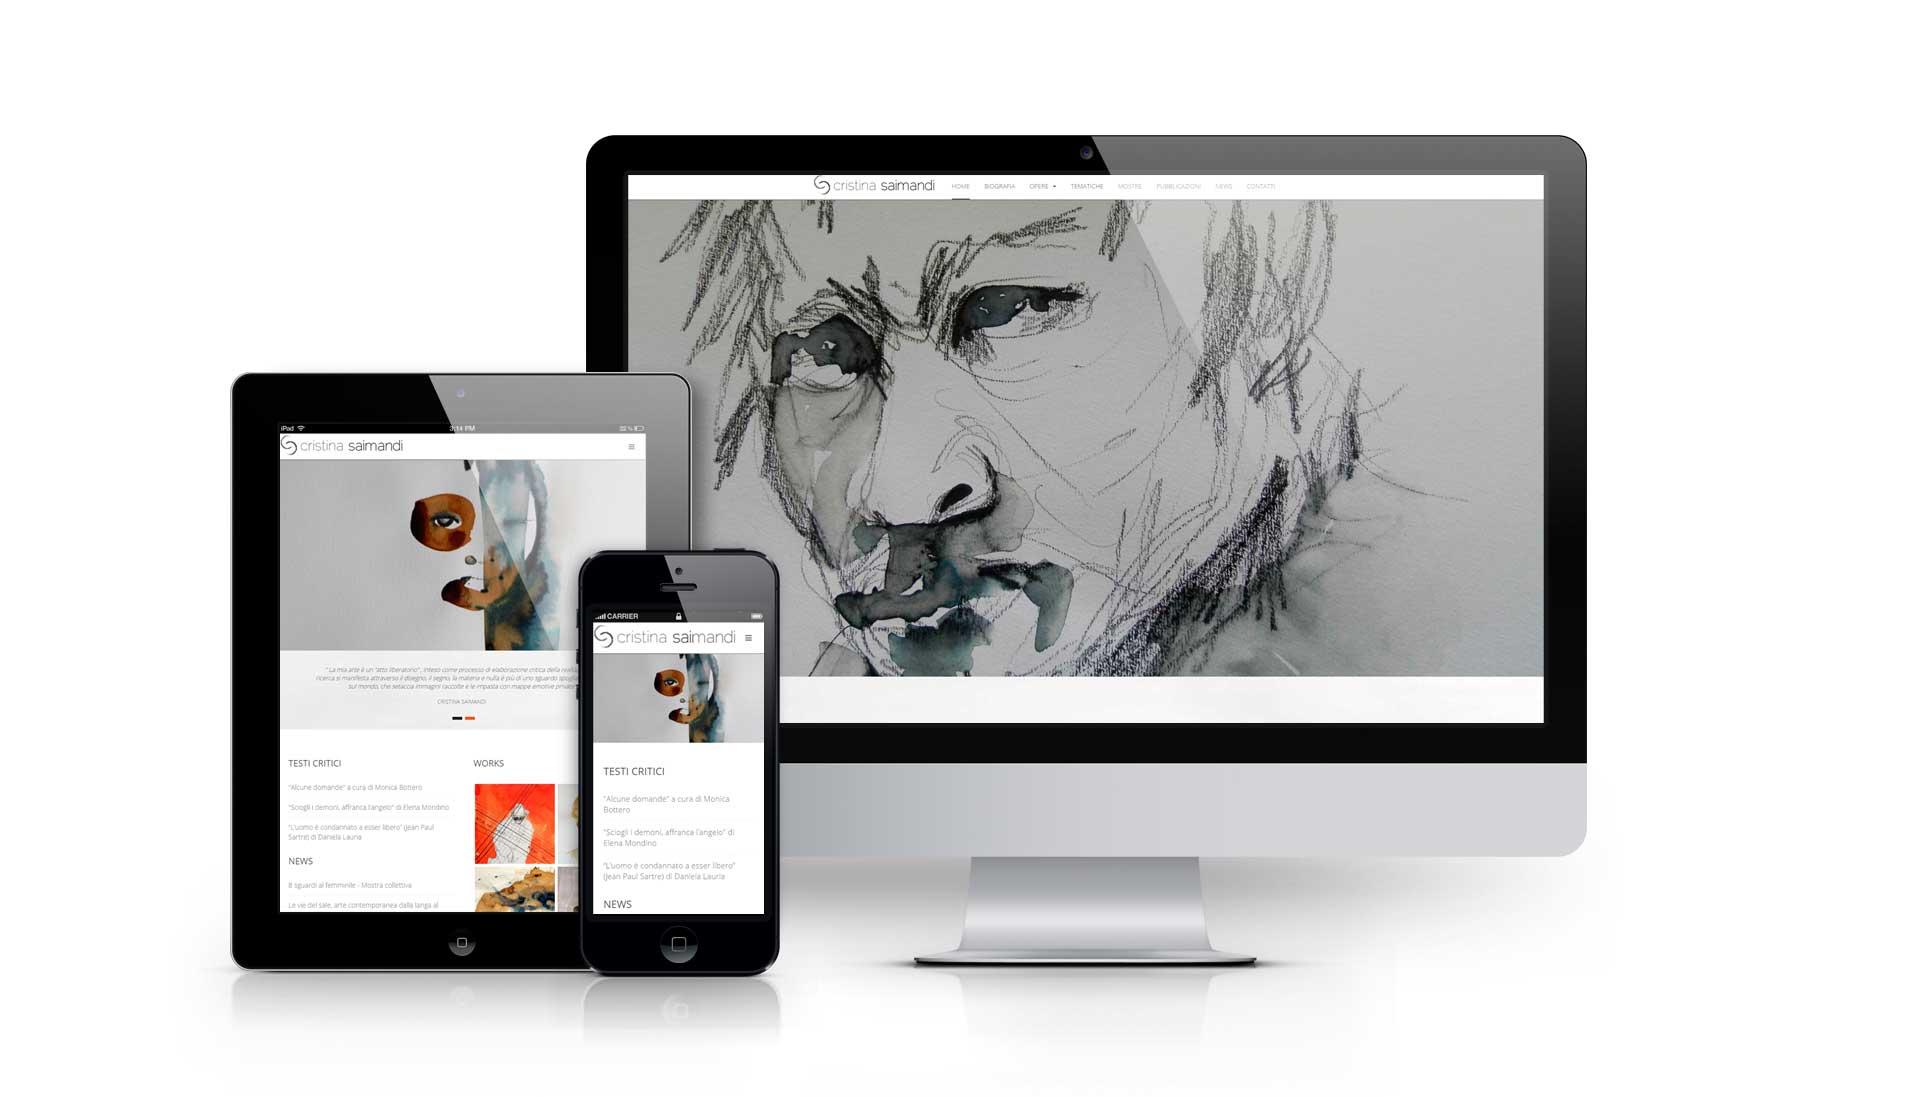 Realizzazione del portfolio web dell'artista pittrice e scultrice Cristina Saimandi